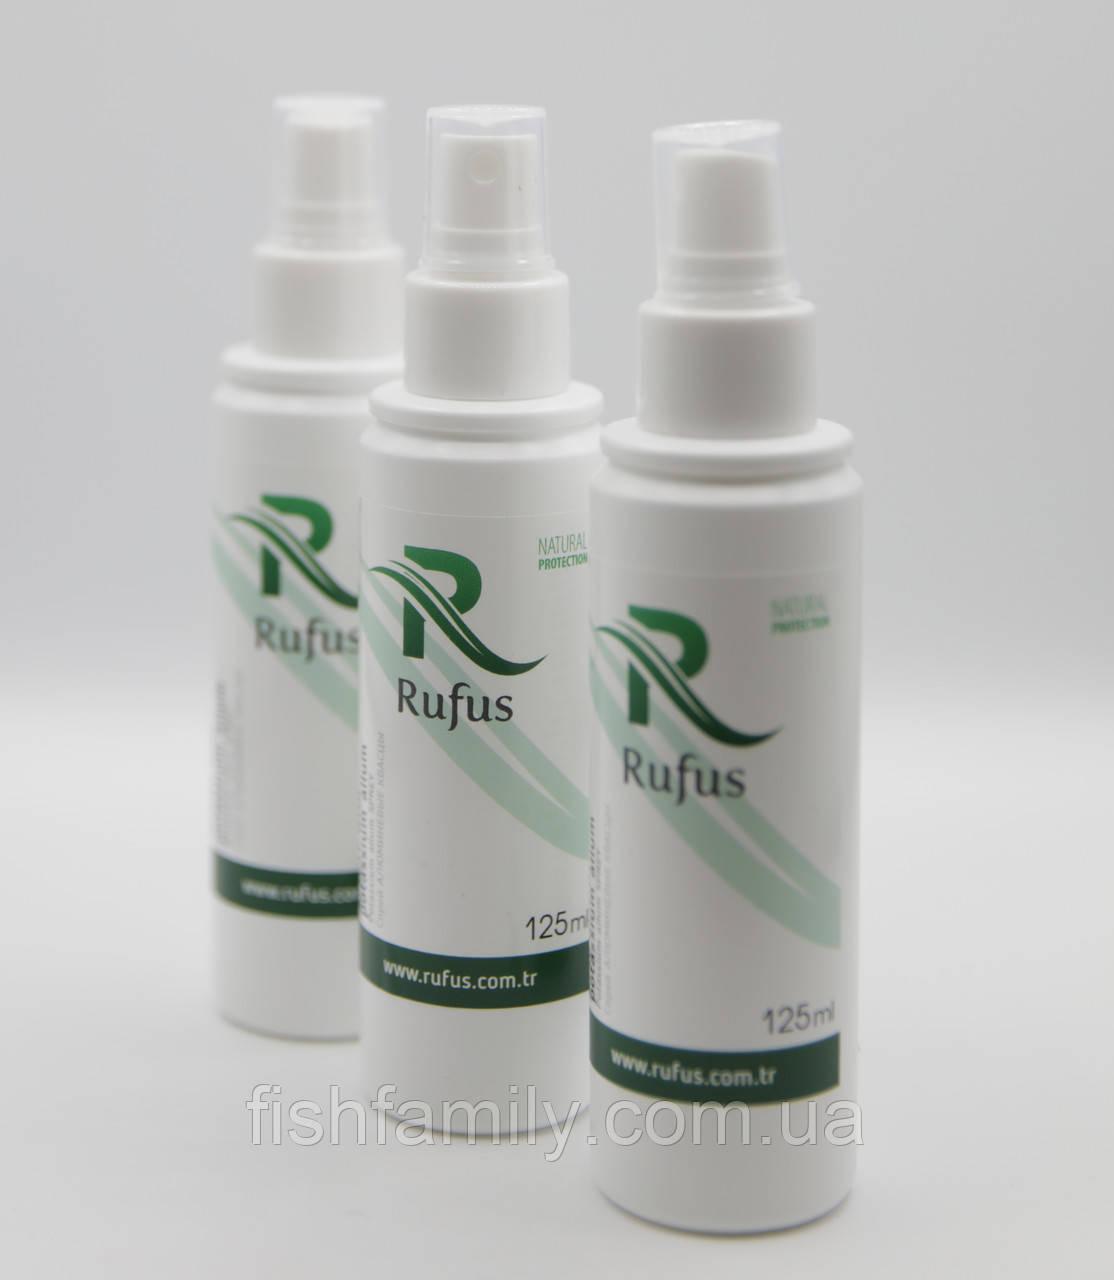 Спрей антибактериальный для тела и ног Rufus